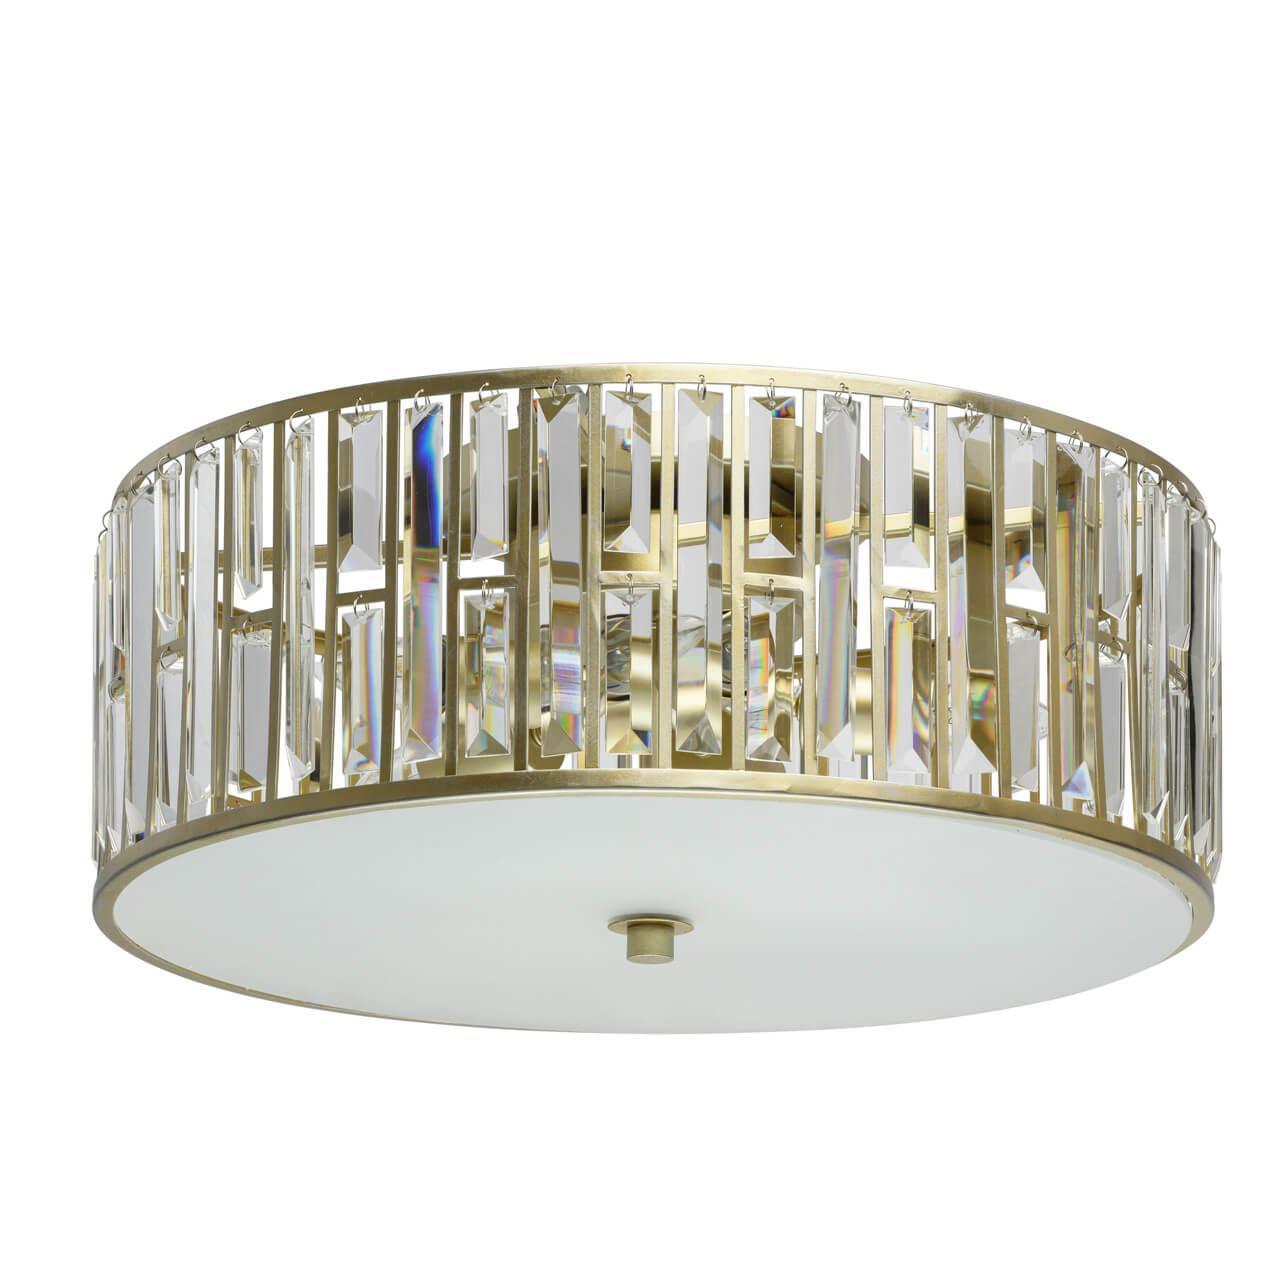 Купить Потолочный светильник Regenbogen Life монарх, inmyroom, Германия